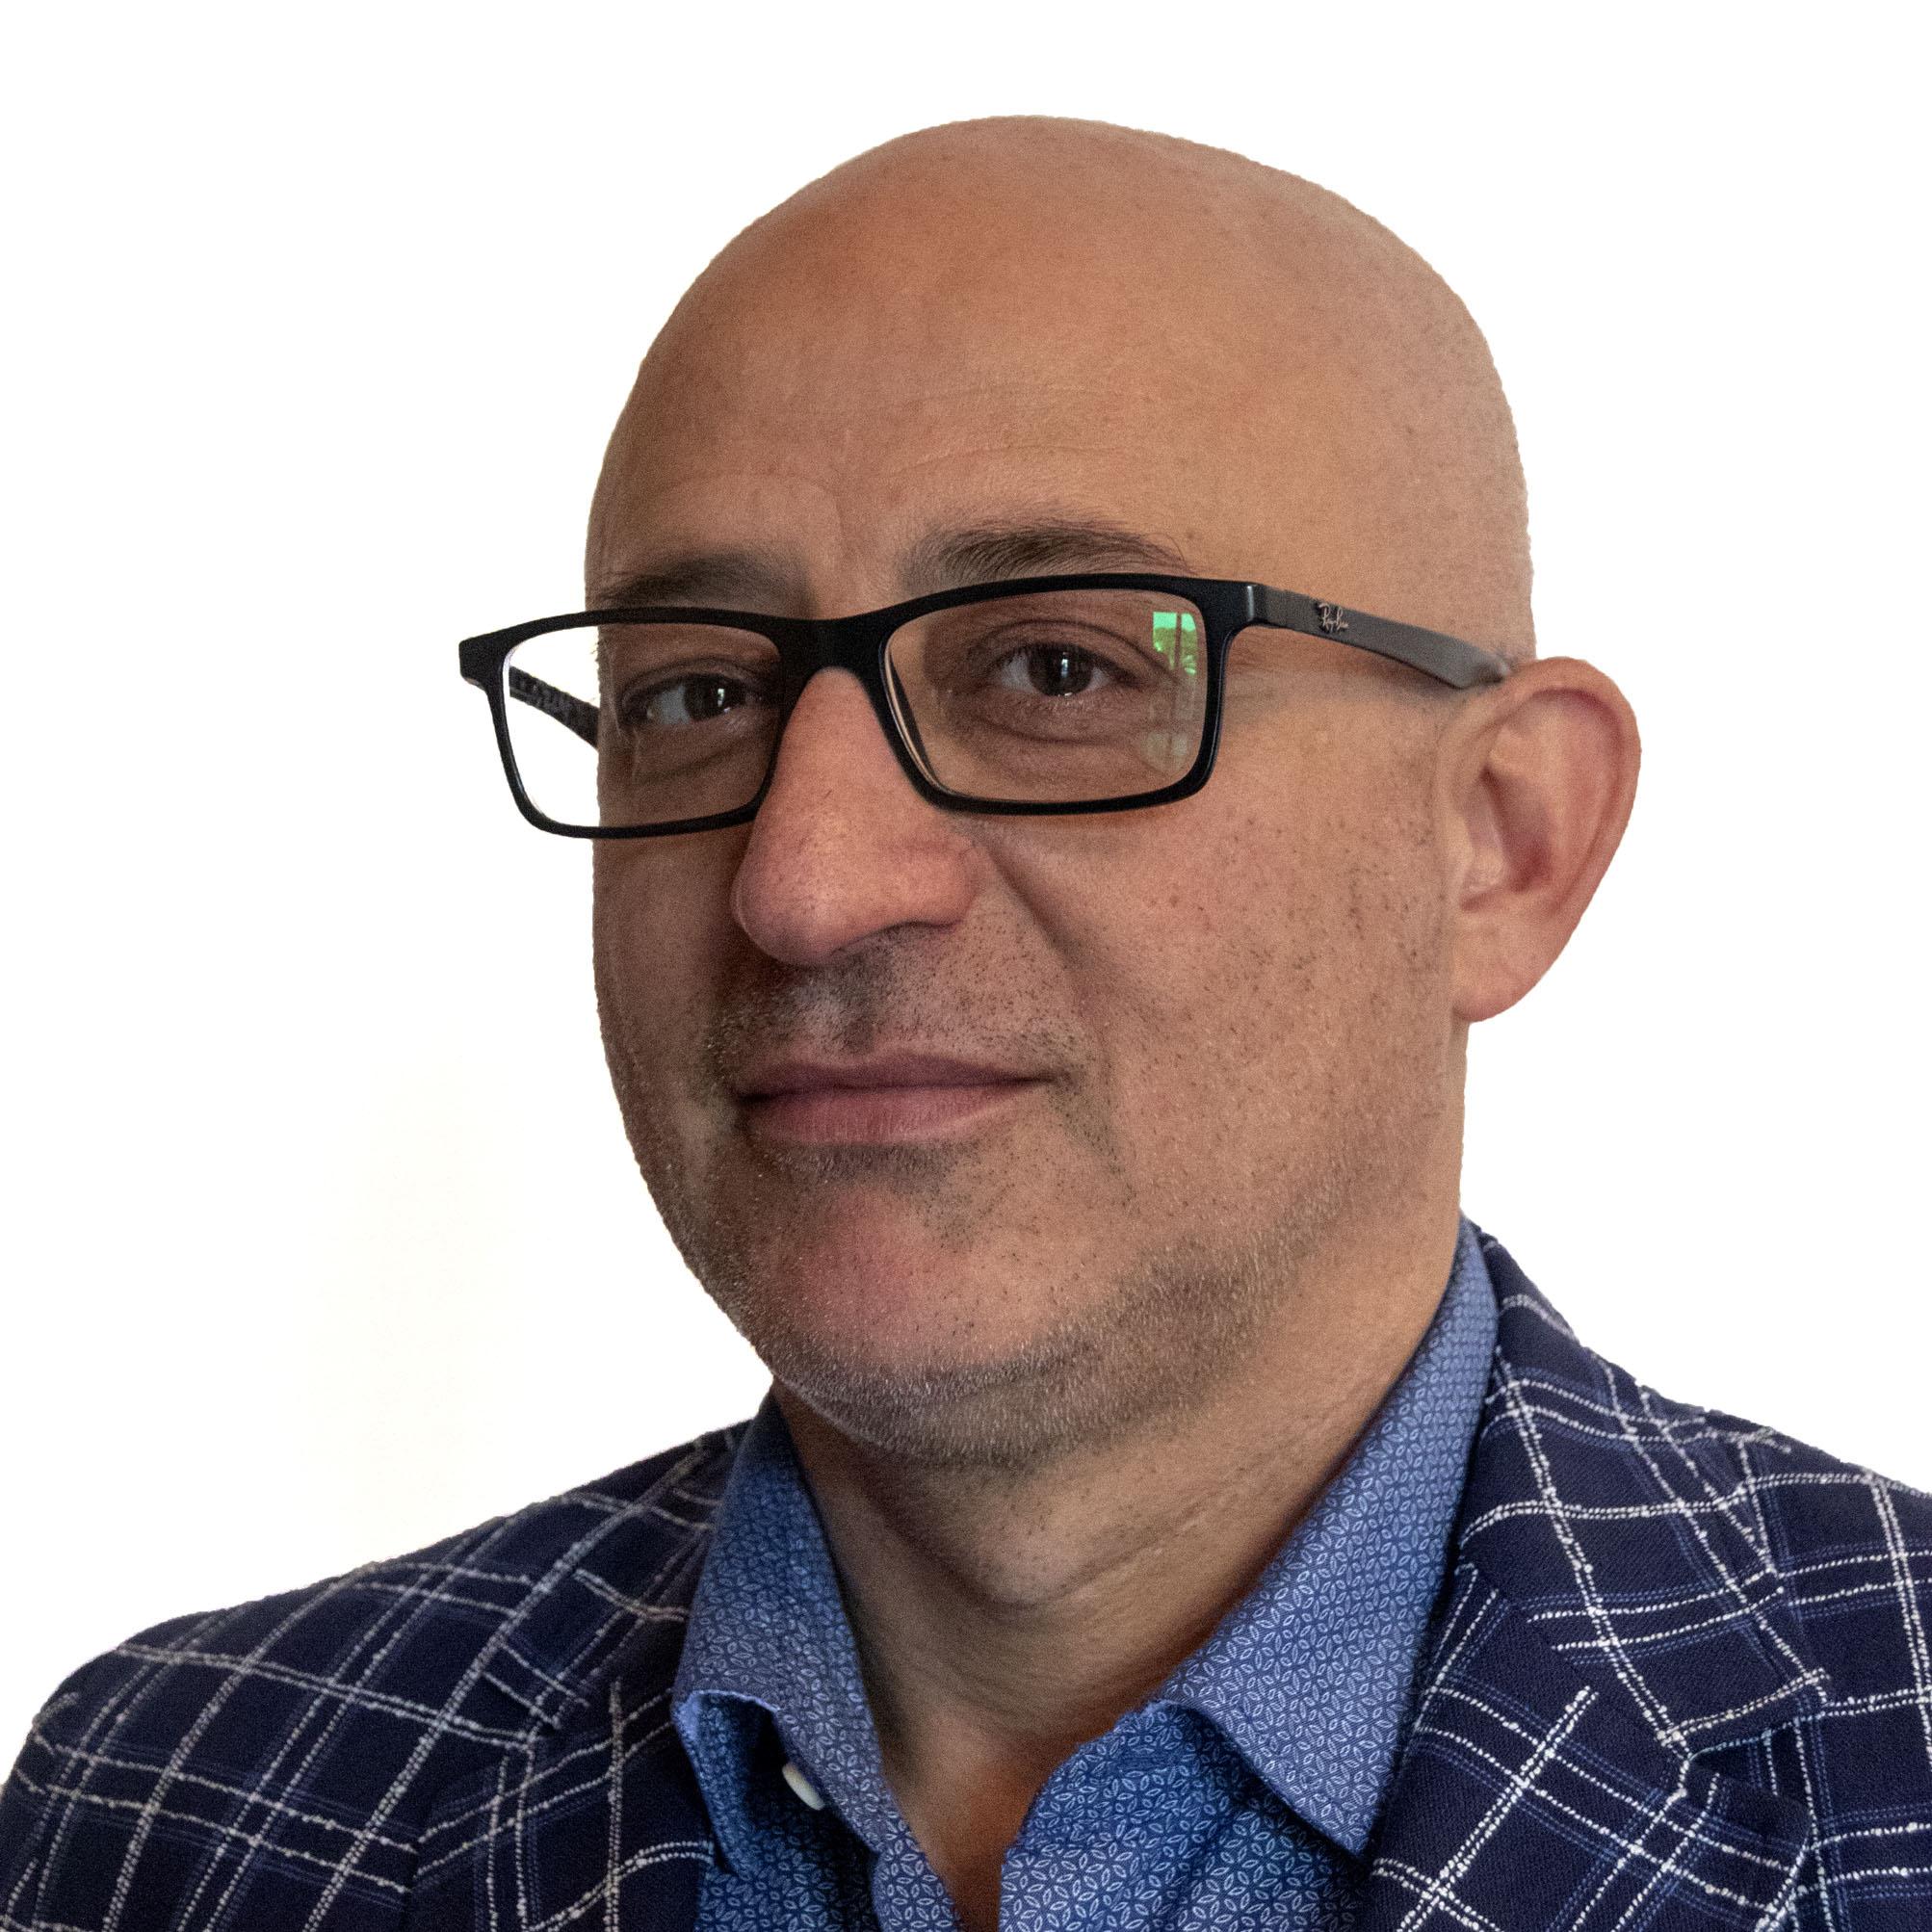 Gianni Mazzoni